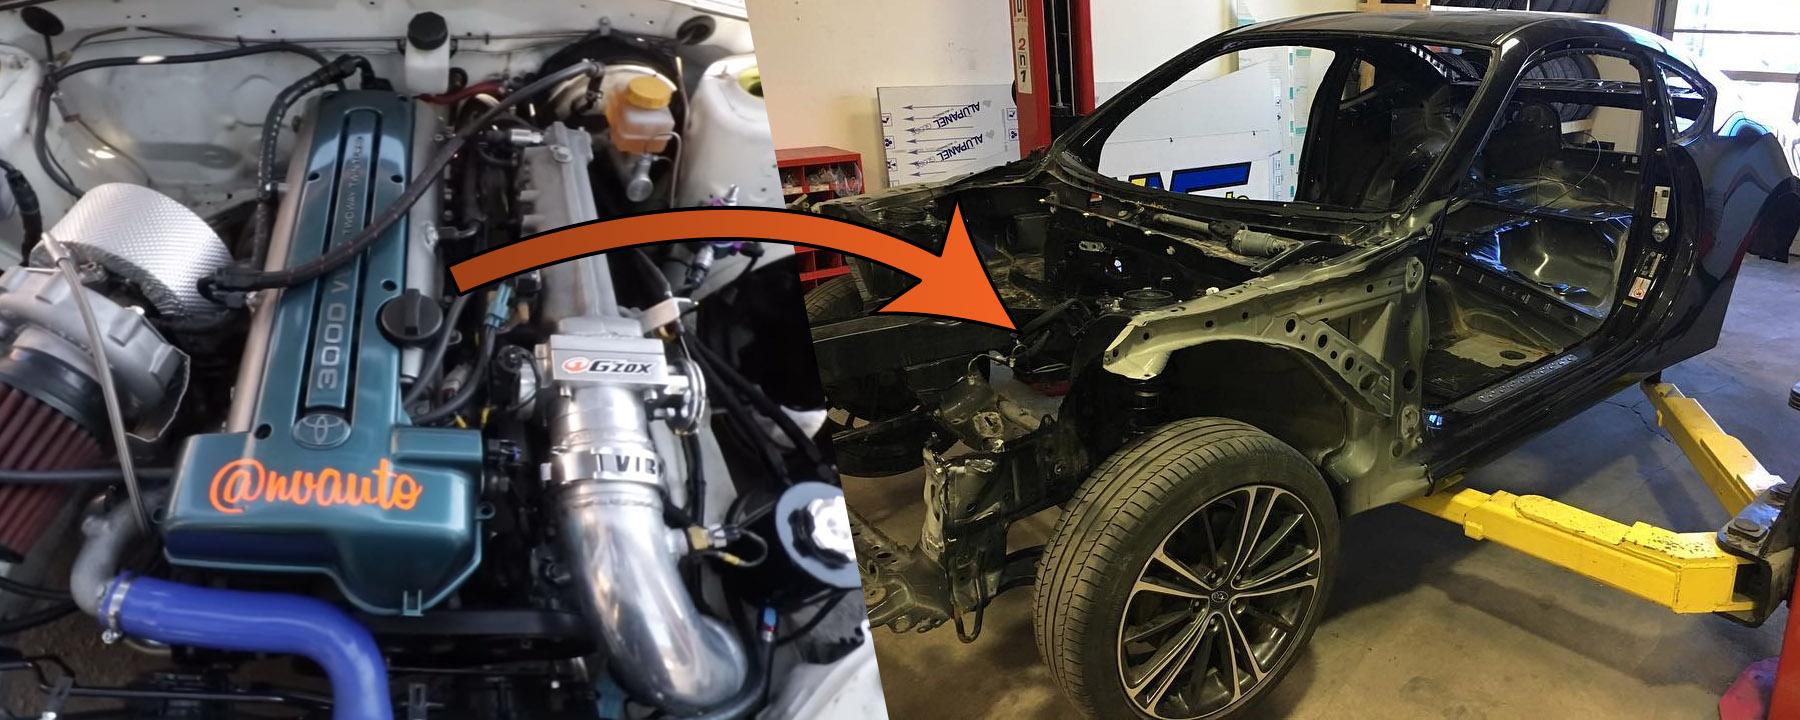 Brz Impreza Sti Engine Swap | Autos Post